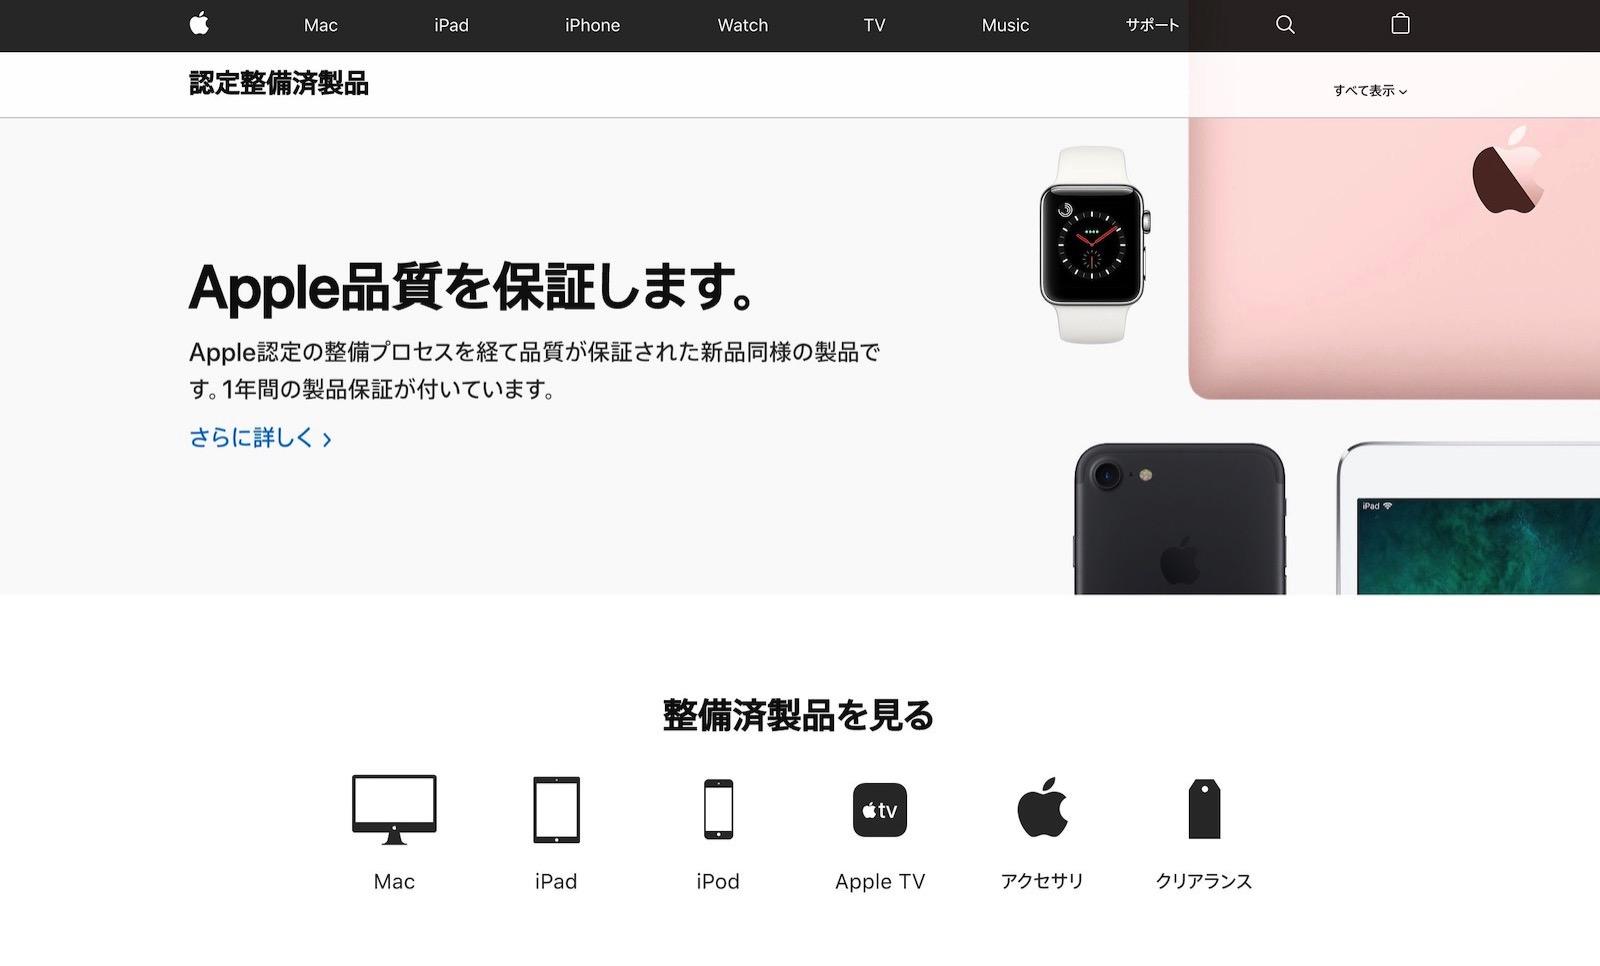 Apple-Refurbished-Site.jpg